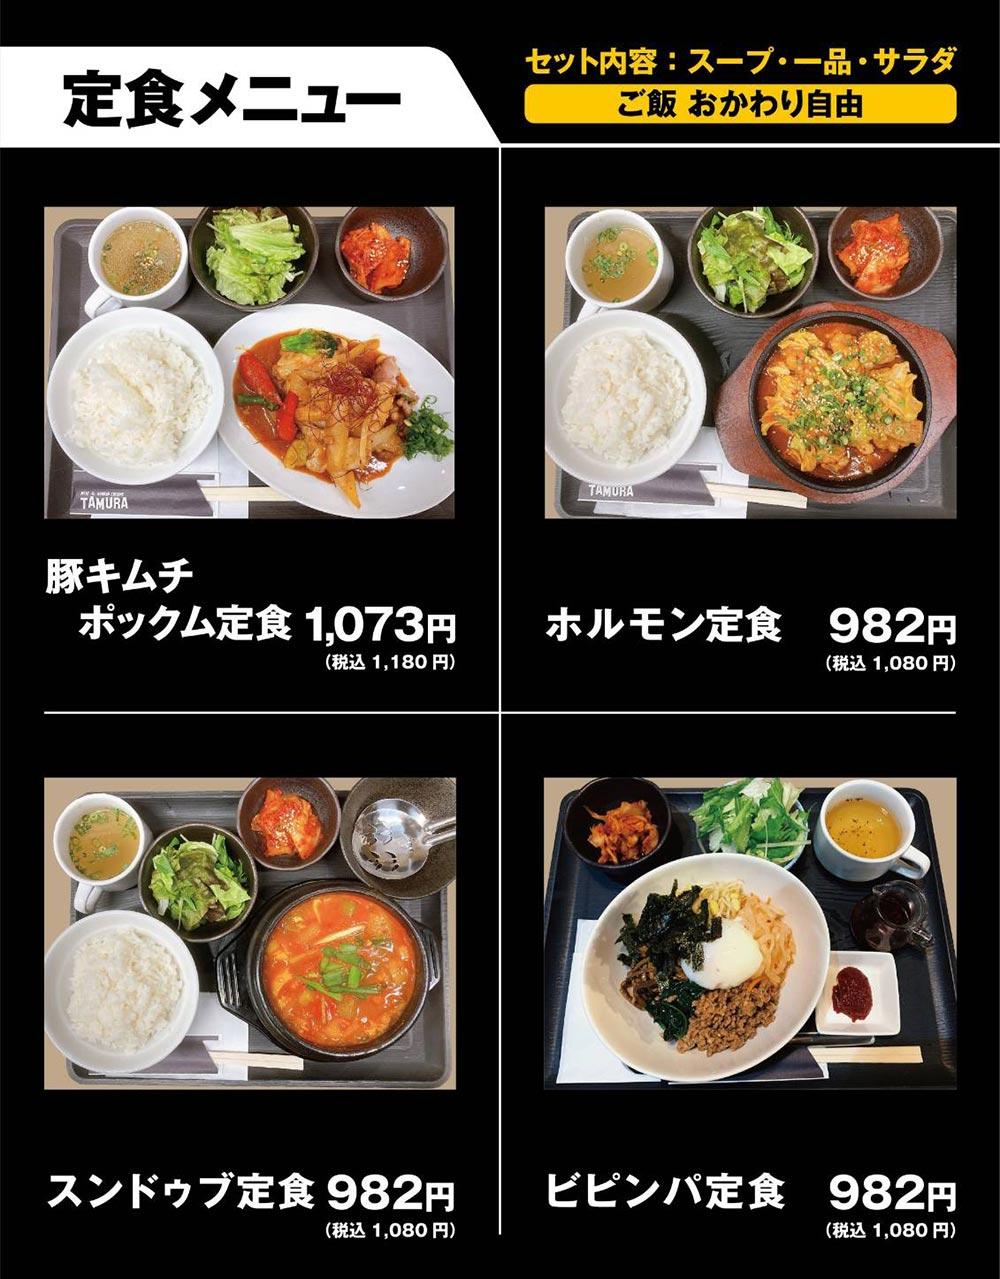 大阪肉つけうどん